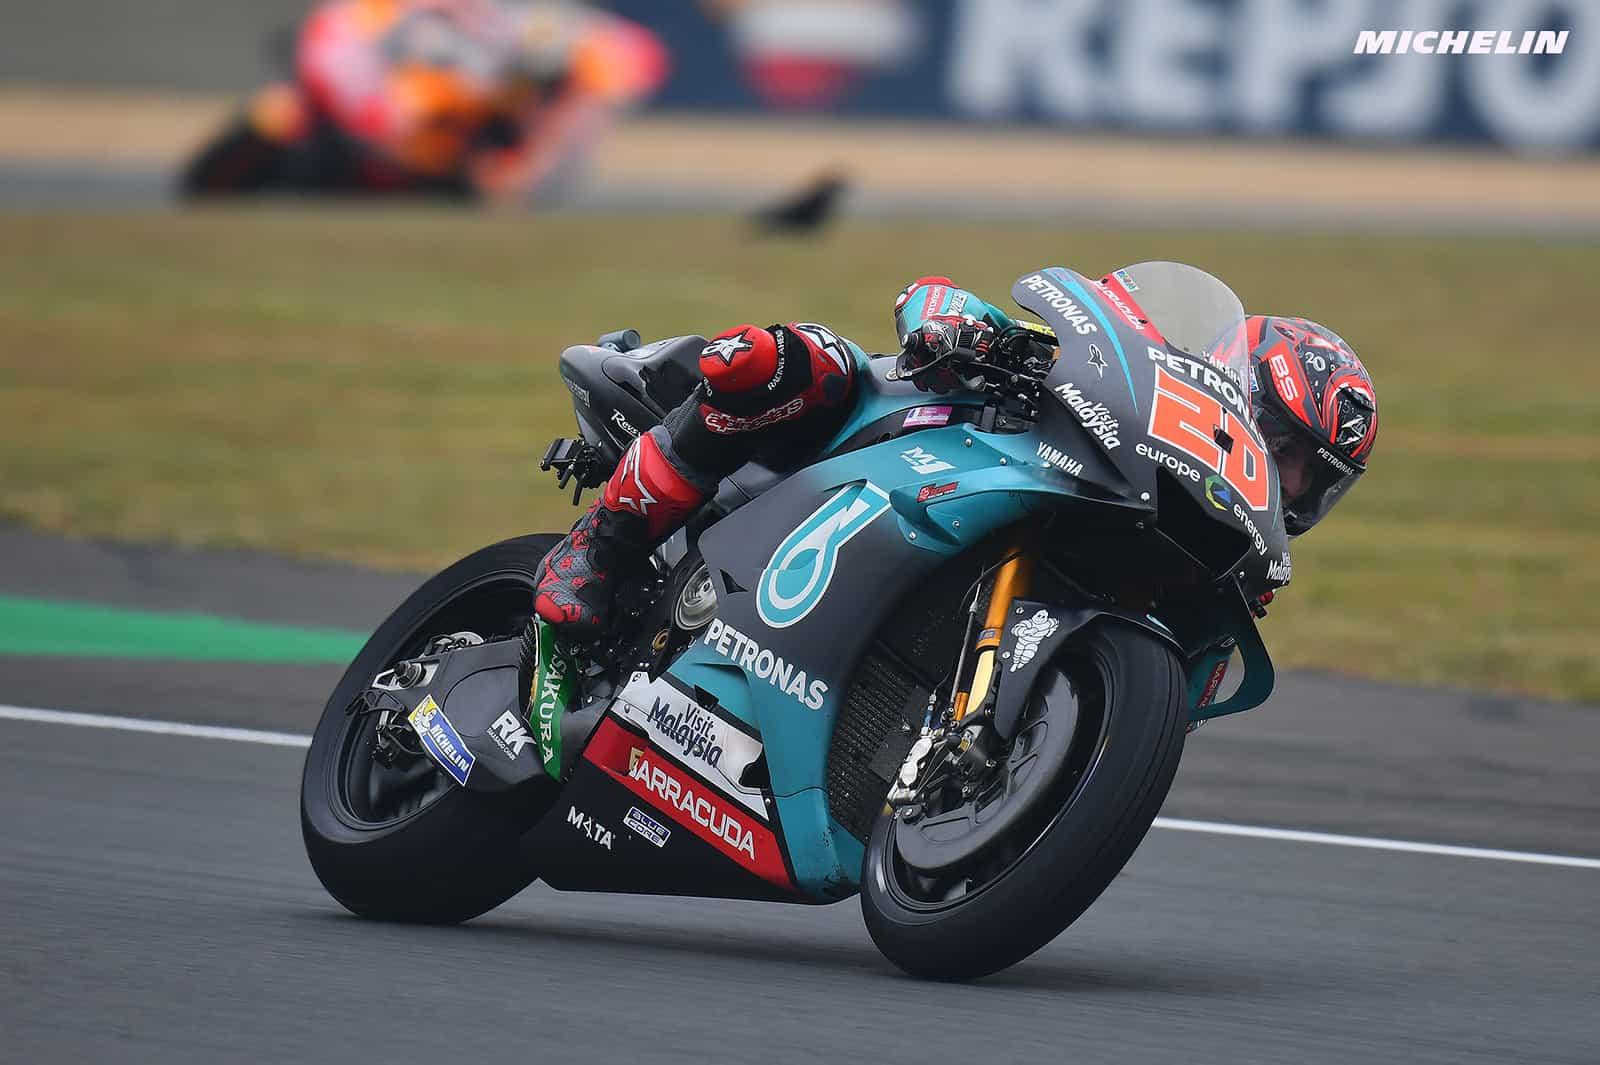 MotoGP2019フランスGP 8位クアルタラロ「ムジェロで今回学んだことを試すのが楽しみ」